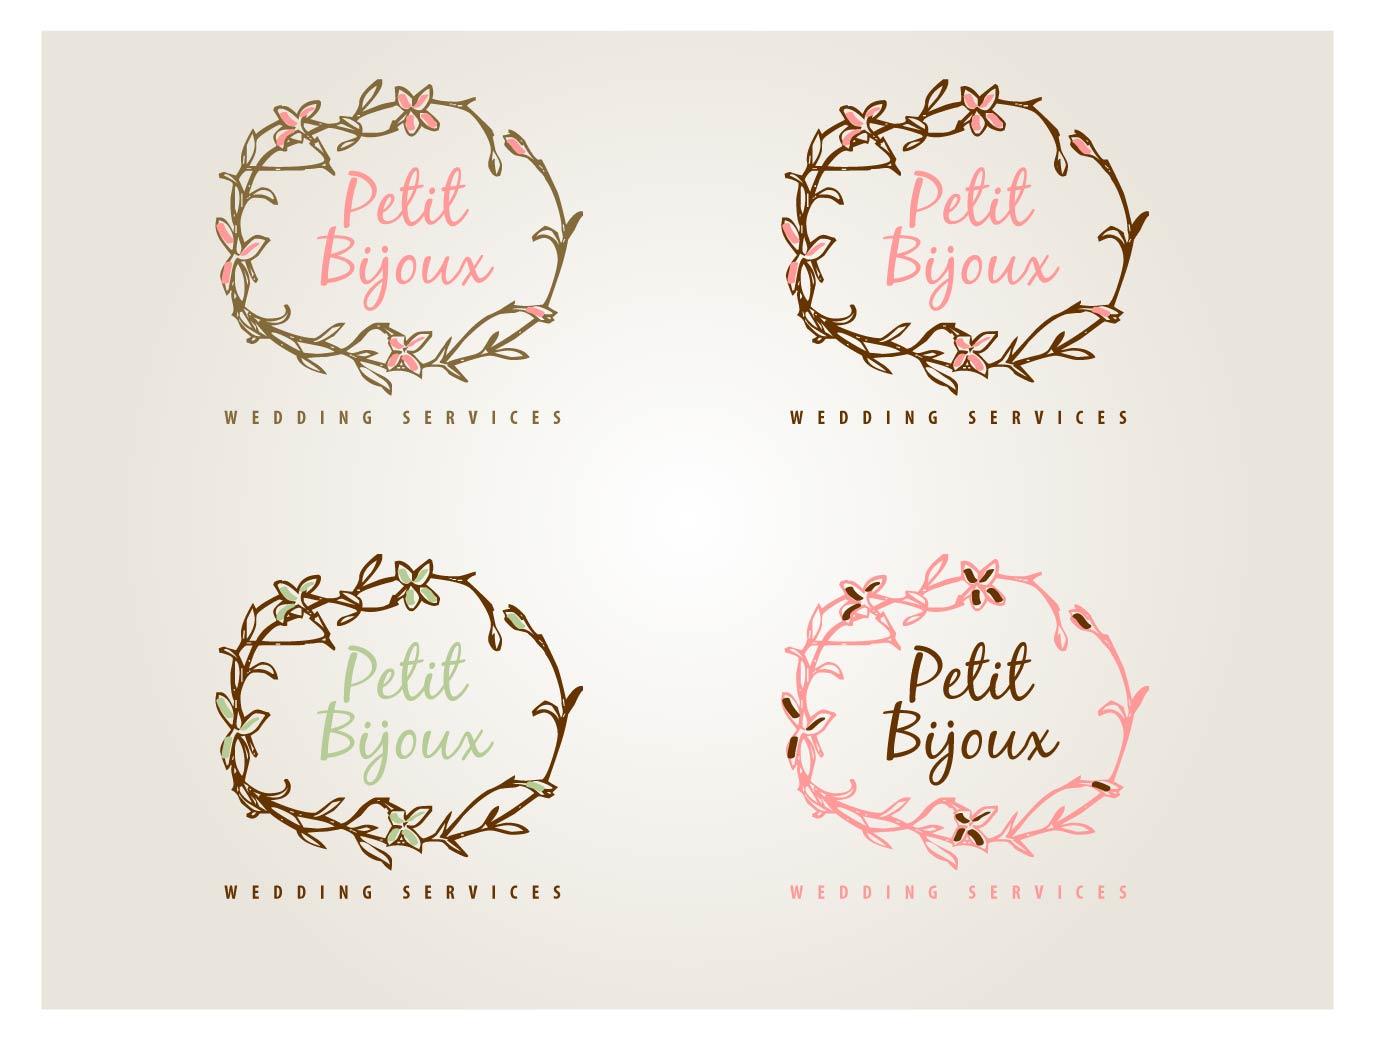 Elegant Feminine Wedding Logo Design For A Company In United Kingdom 4527344